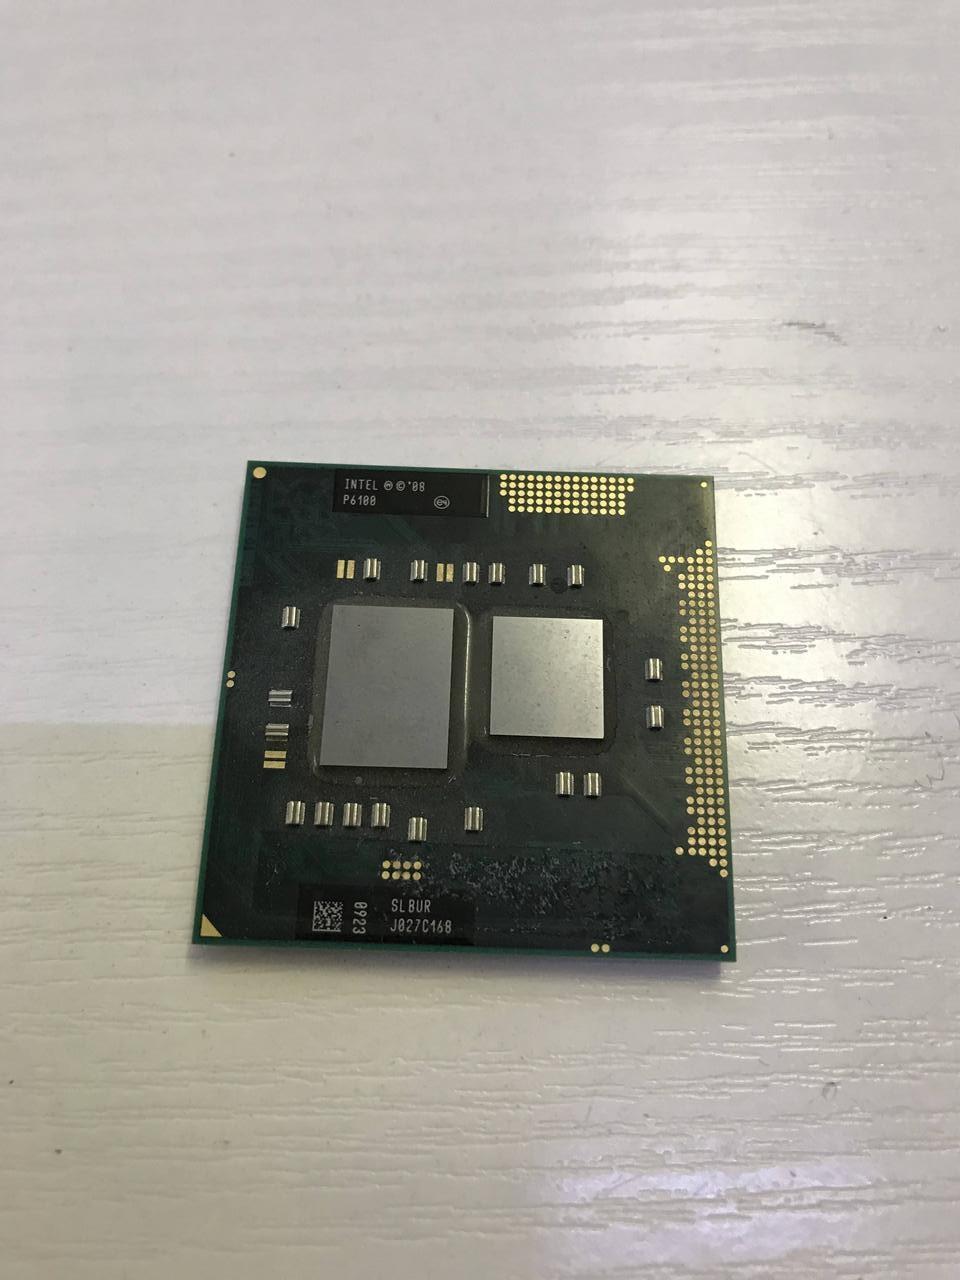 Процессор Intel Pentium P6100 - SLBUR  - рабочий и исправный. Гарантия 1 месяц